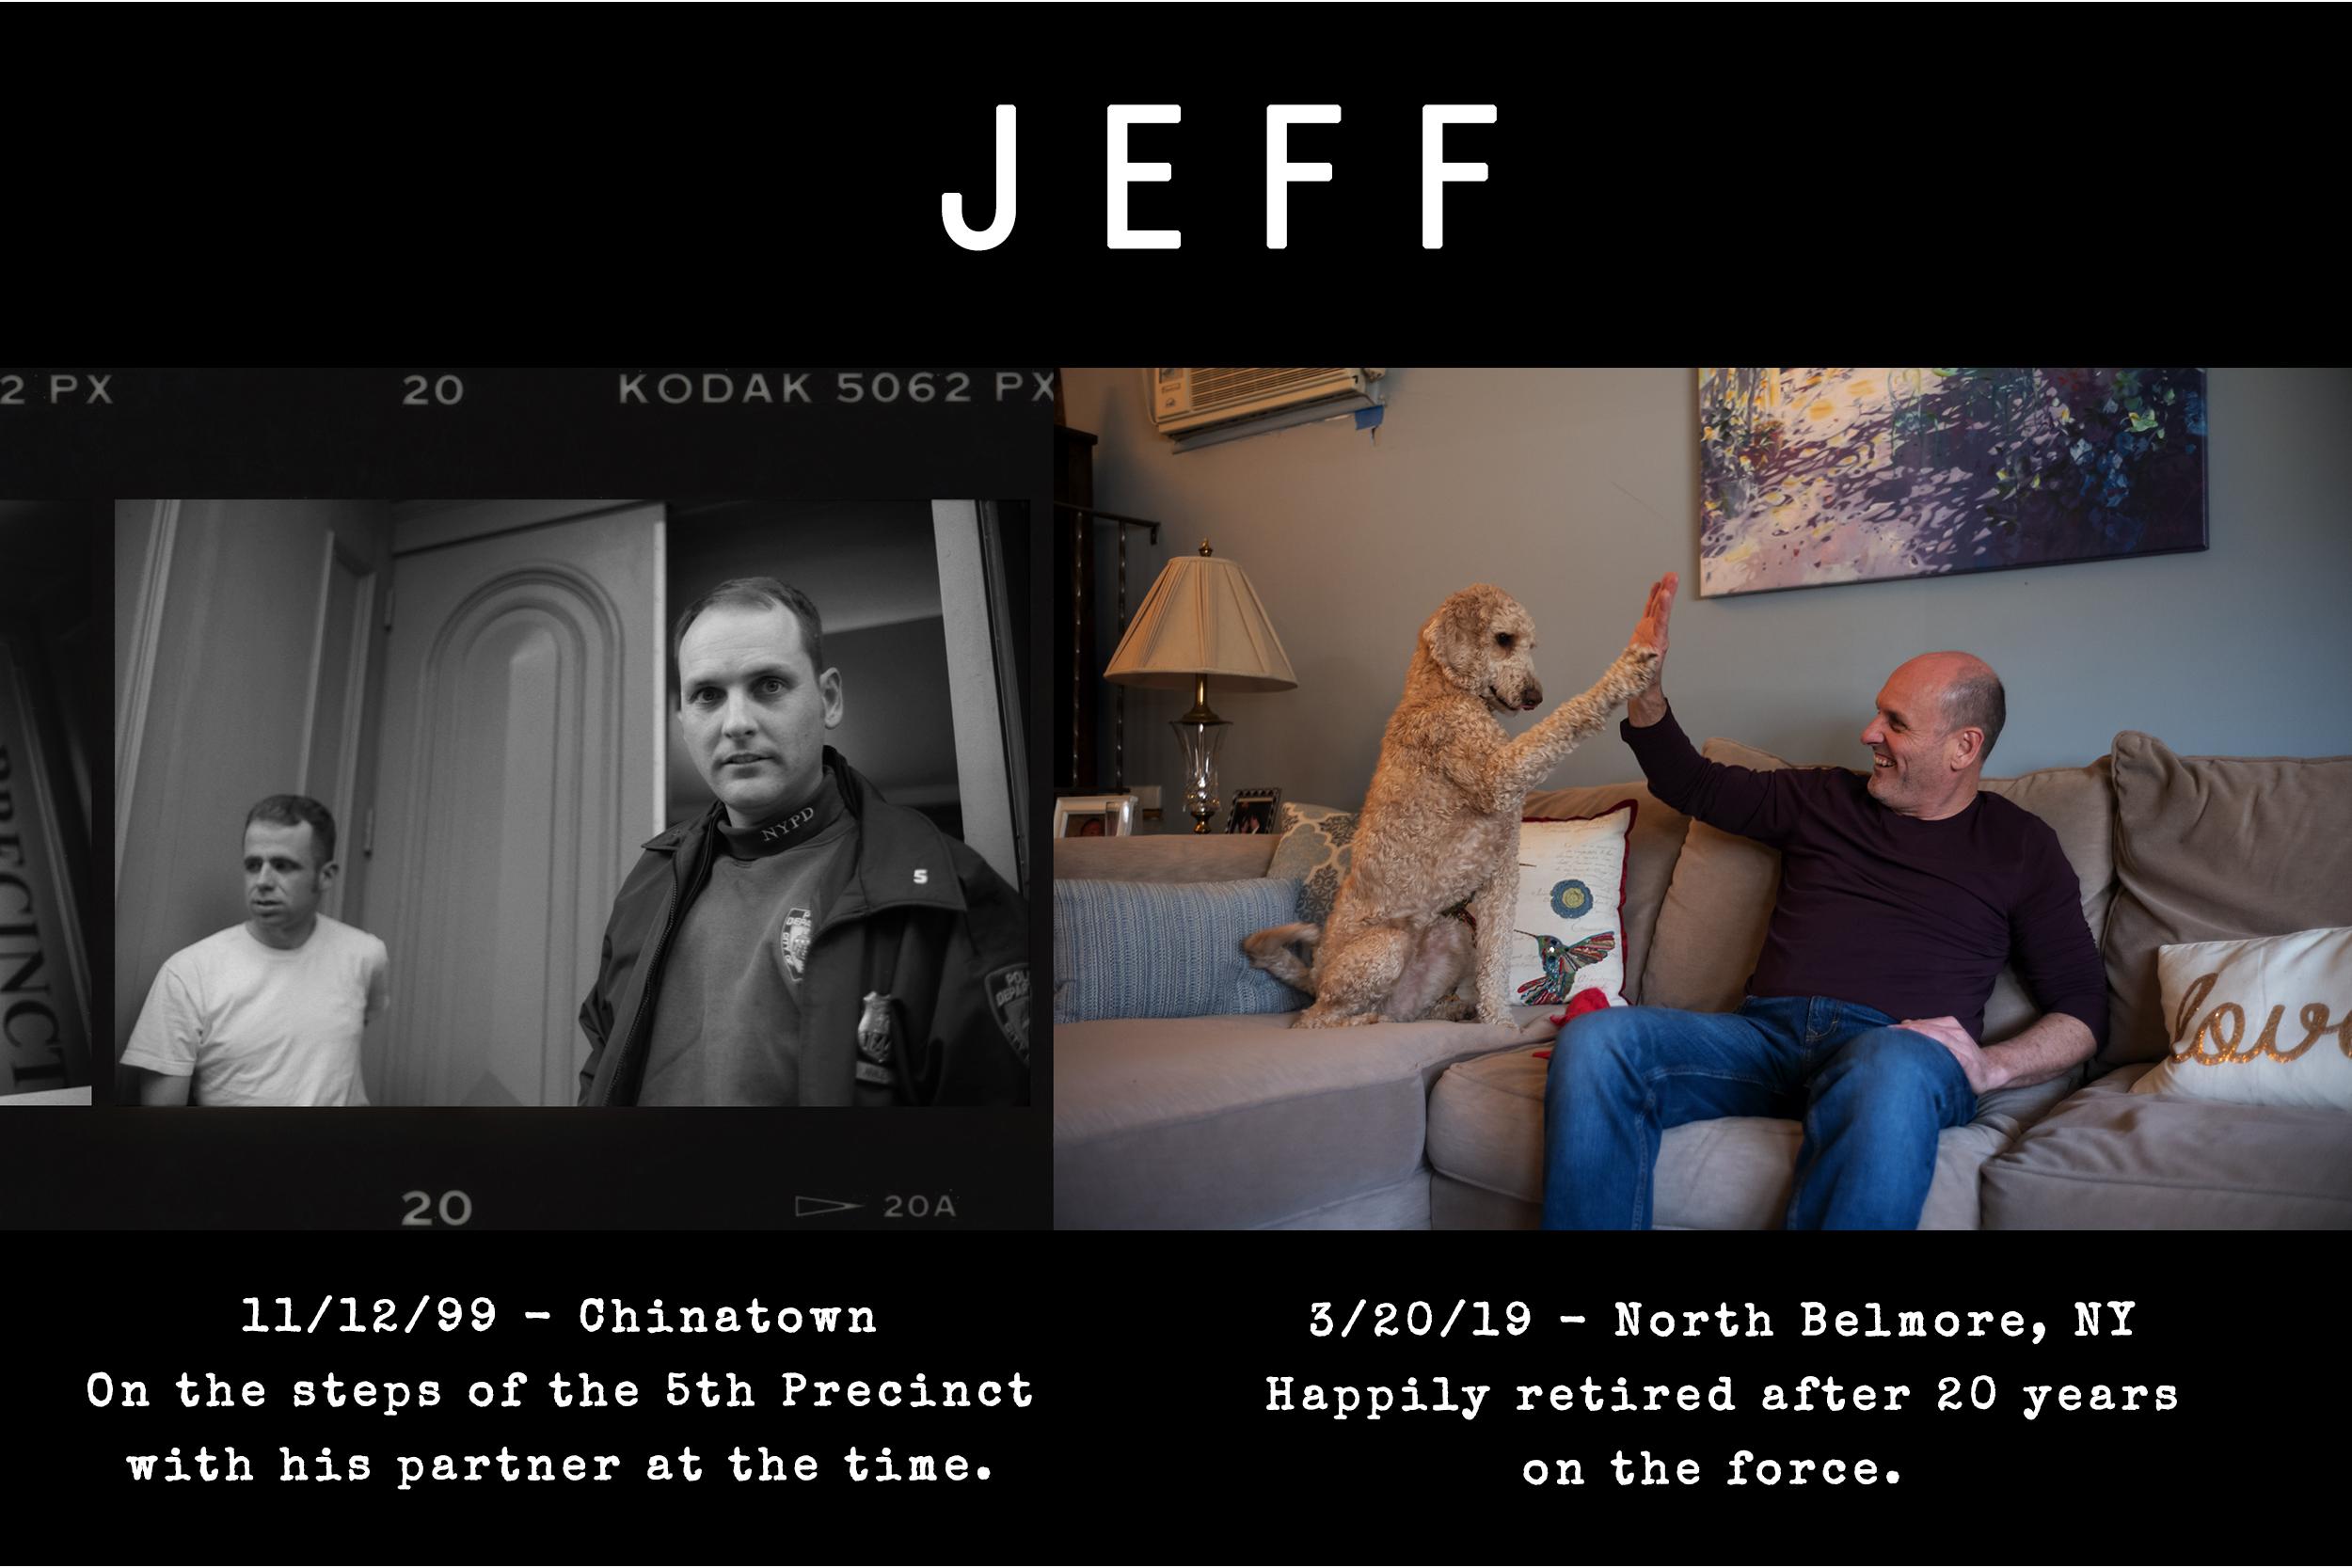 Jeff-Arale-w-words.jpg